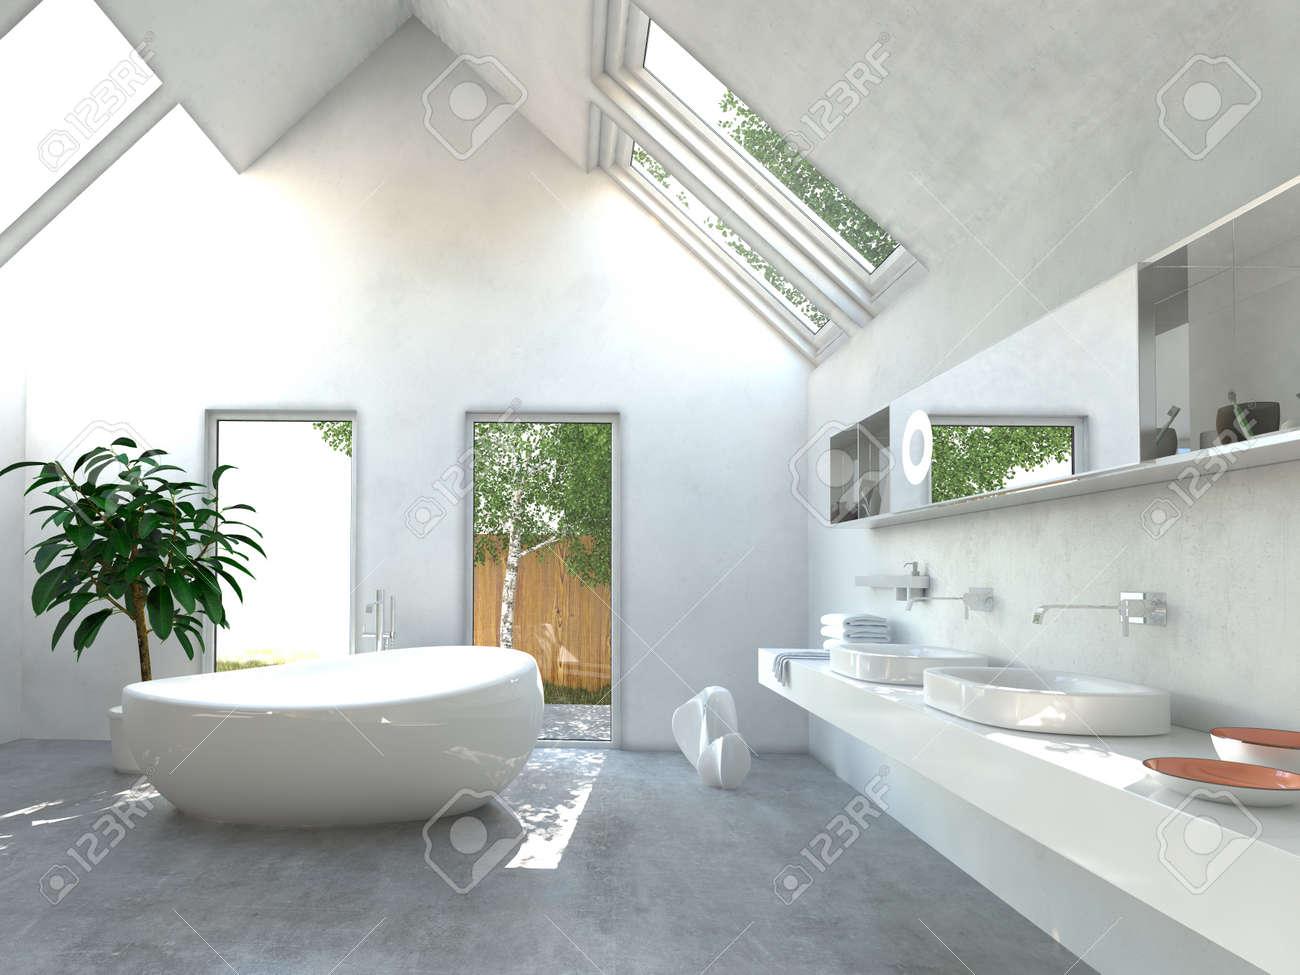 Favorito Luce Moderno Bagno Interno Luminoso Con Parete Doppia Unità Di  NN83